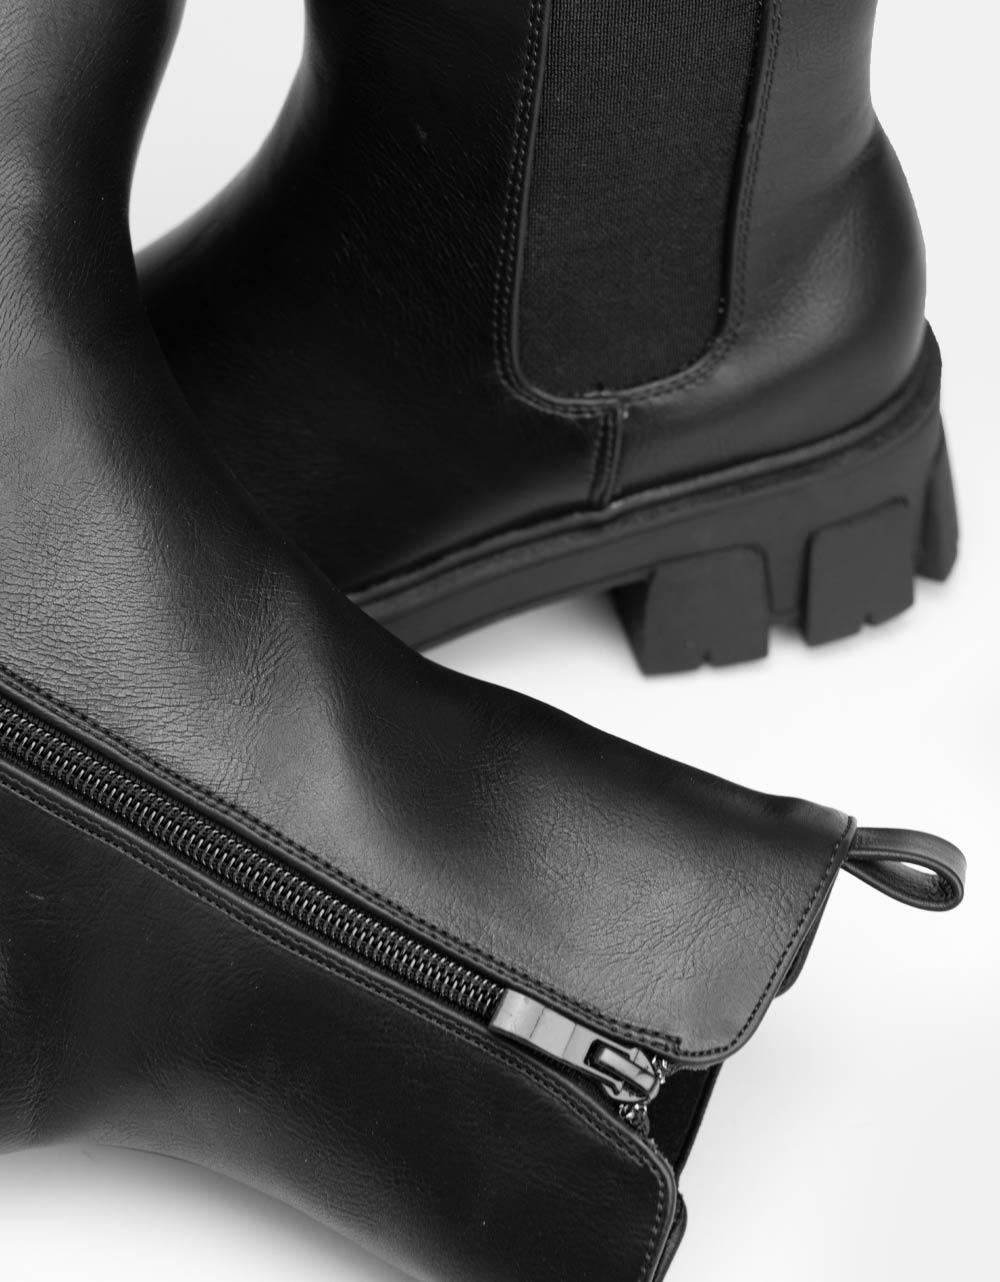 Εικόνα από Γυναικεία μποτάκια με τρακτερωτή σόλα Μαύρο